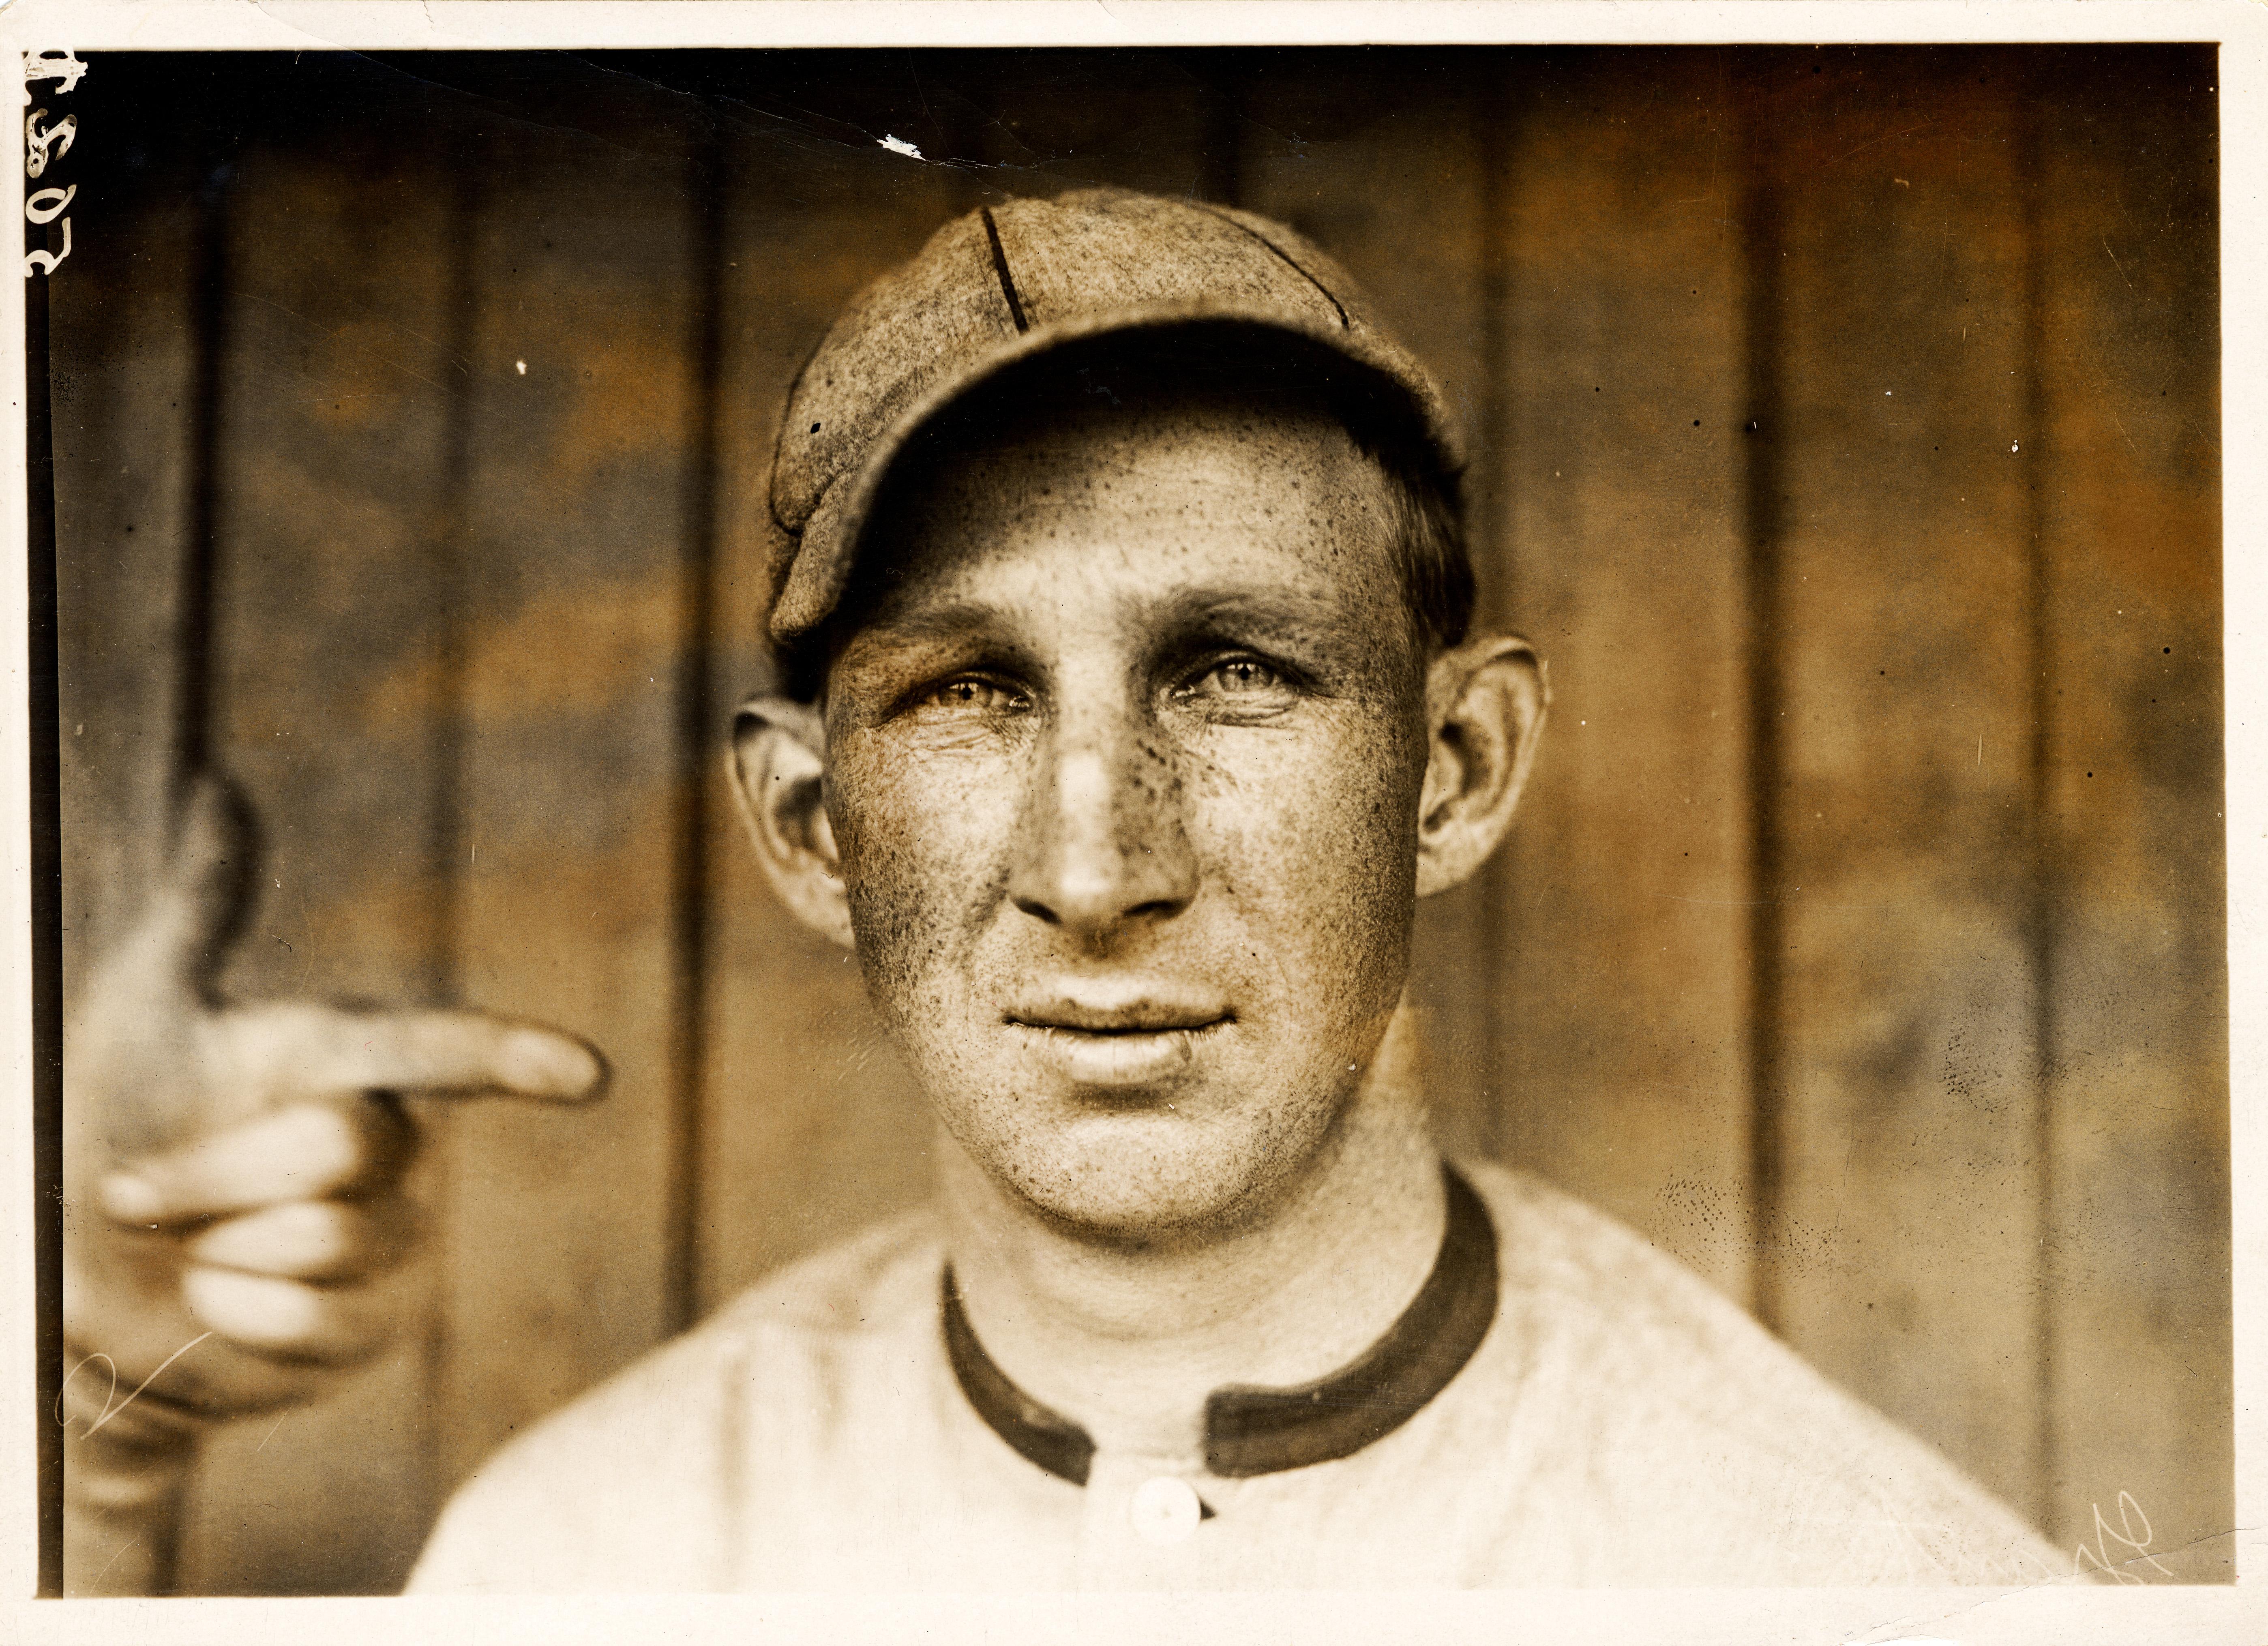 %22Harvard%22_Eddie_Grant,_Cincinnati_Reds_third_baseman,_by_Paul_Thompson,_1911.jpg